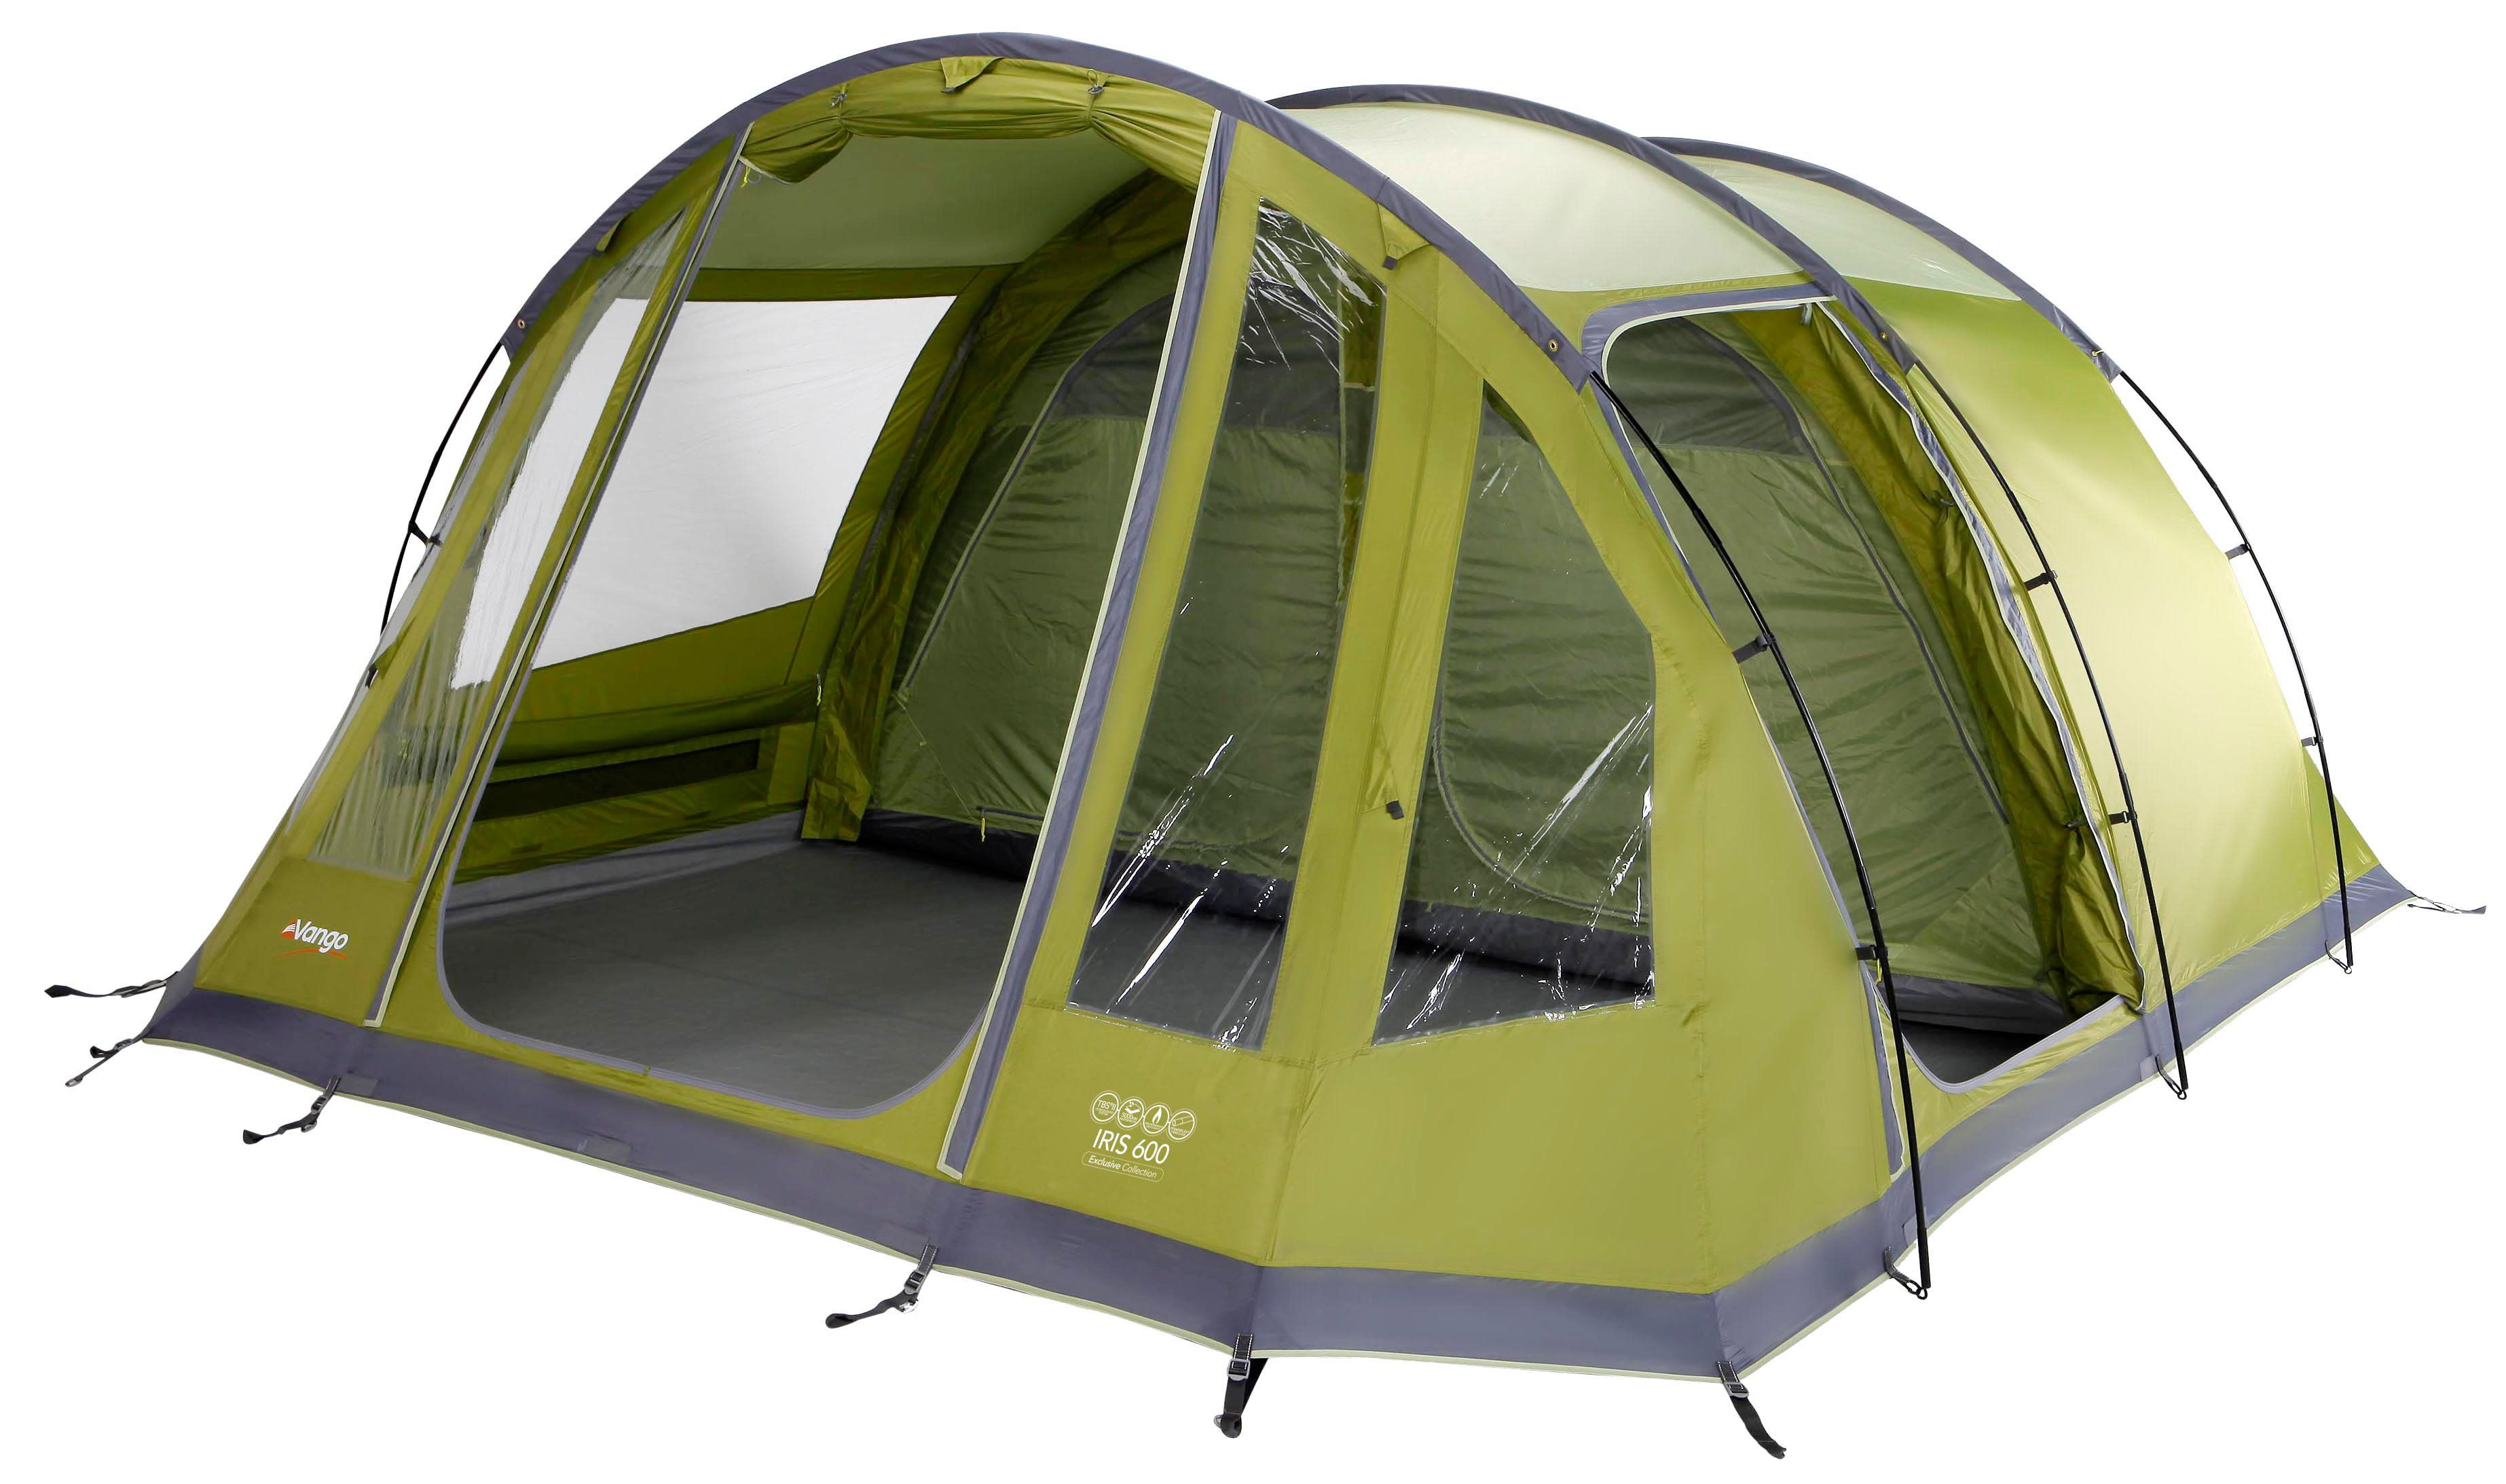 VANGO Iris 600 6 Person Tent